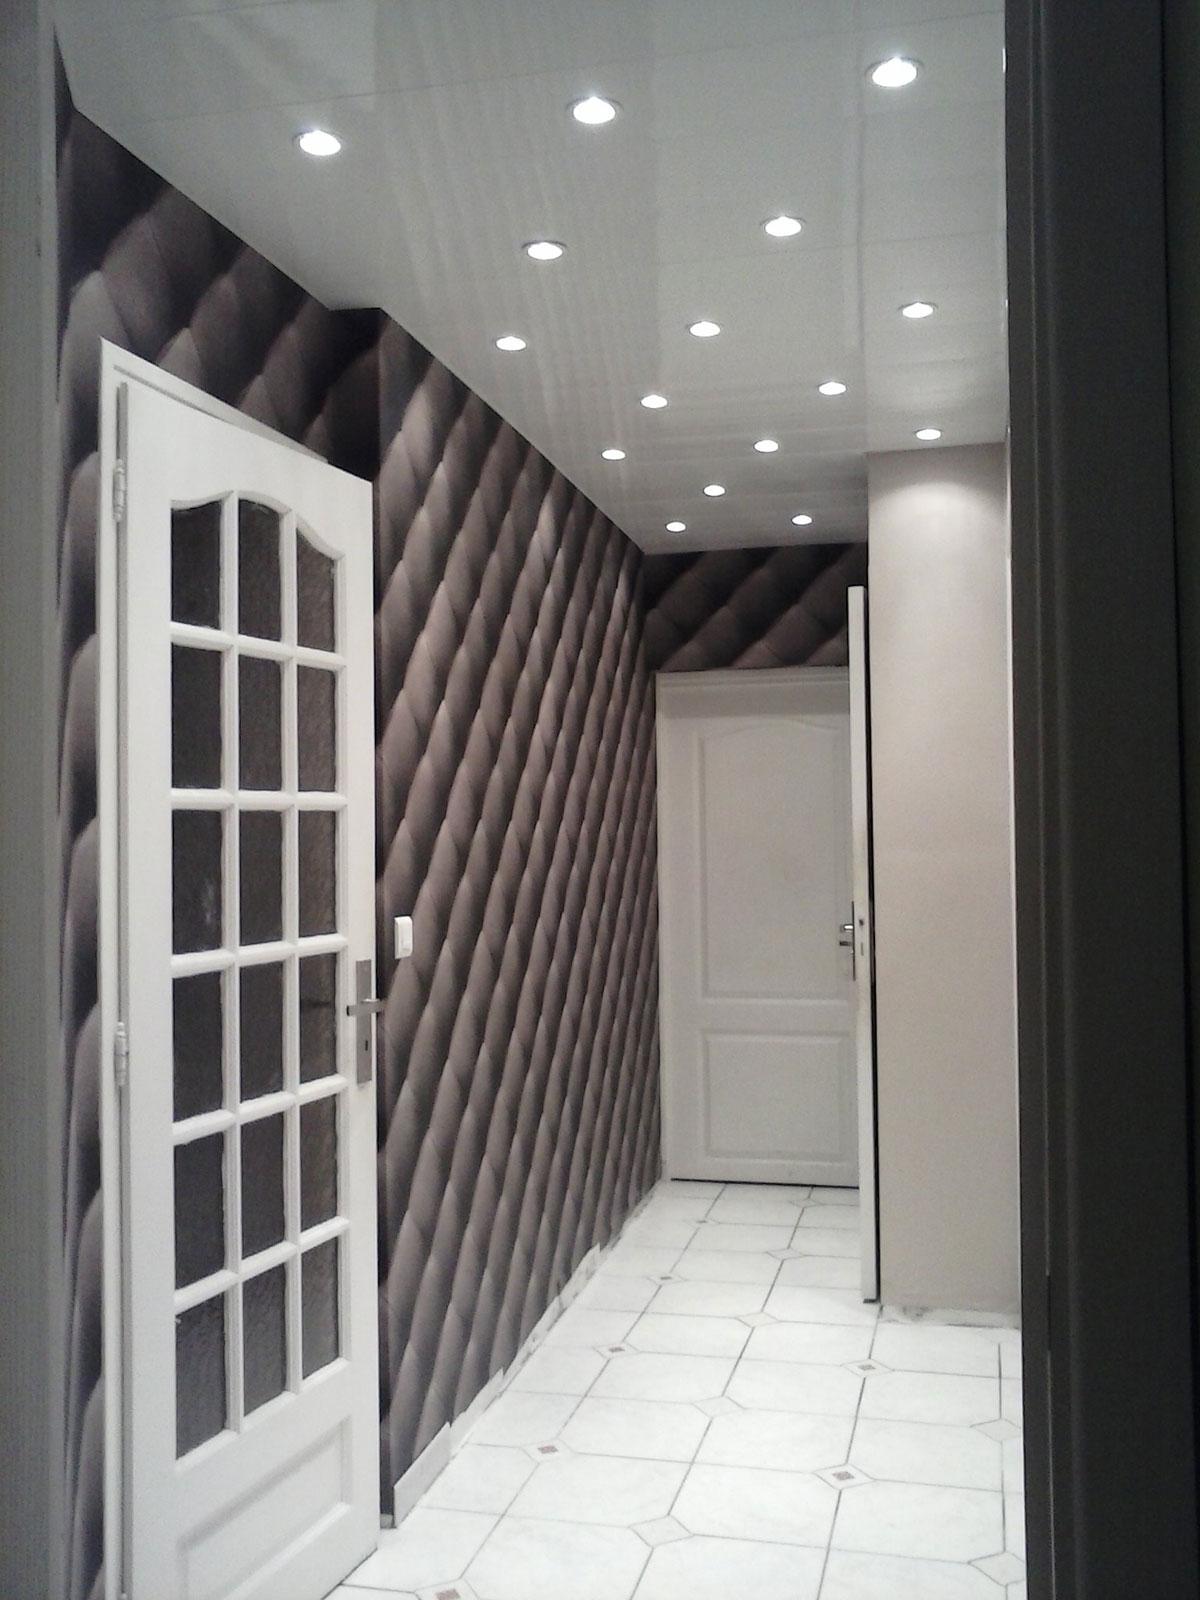 luminaire couloir etroit finest luminaire salle de bain castorama pour deco salle de bain lgant. Black Bedroom Furniture Sets. Home Design Ideas